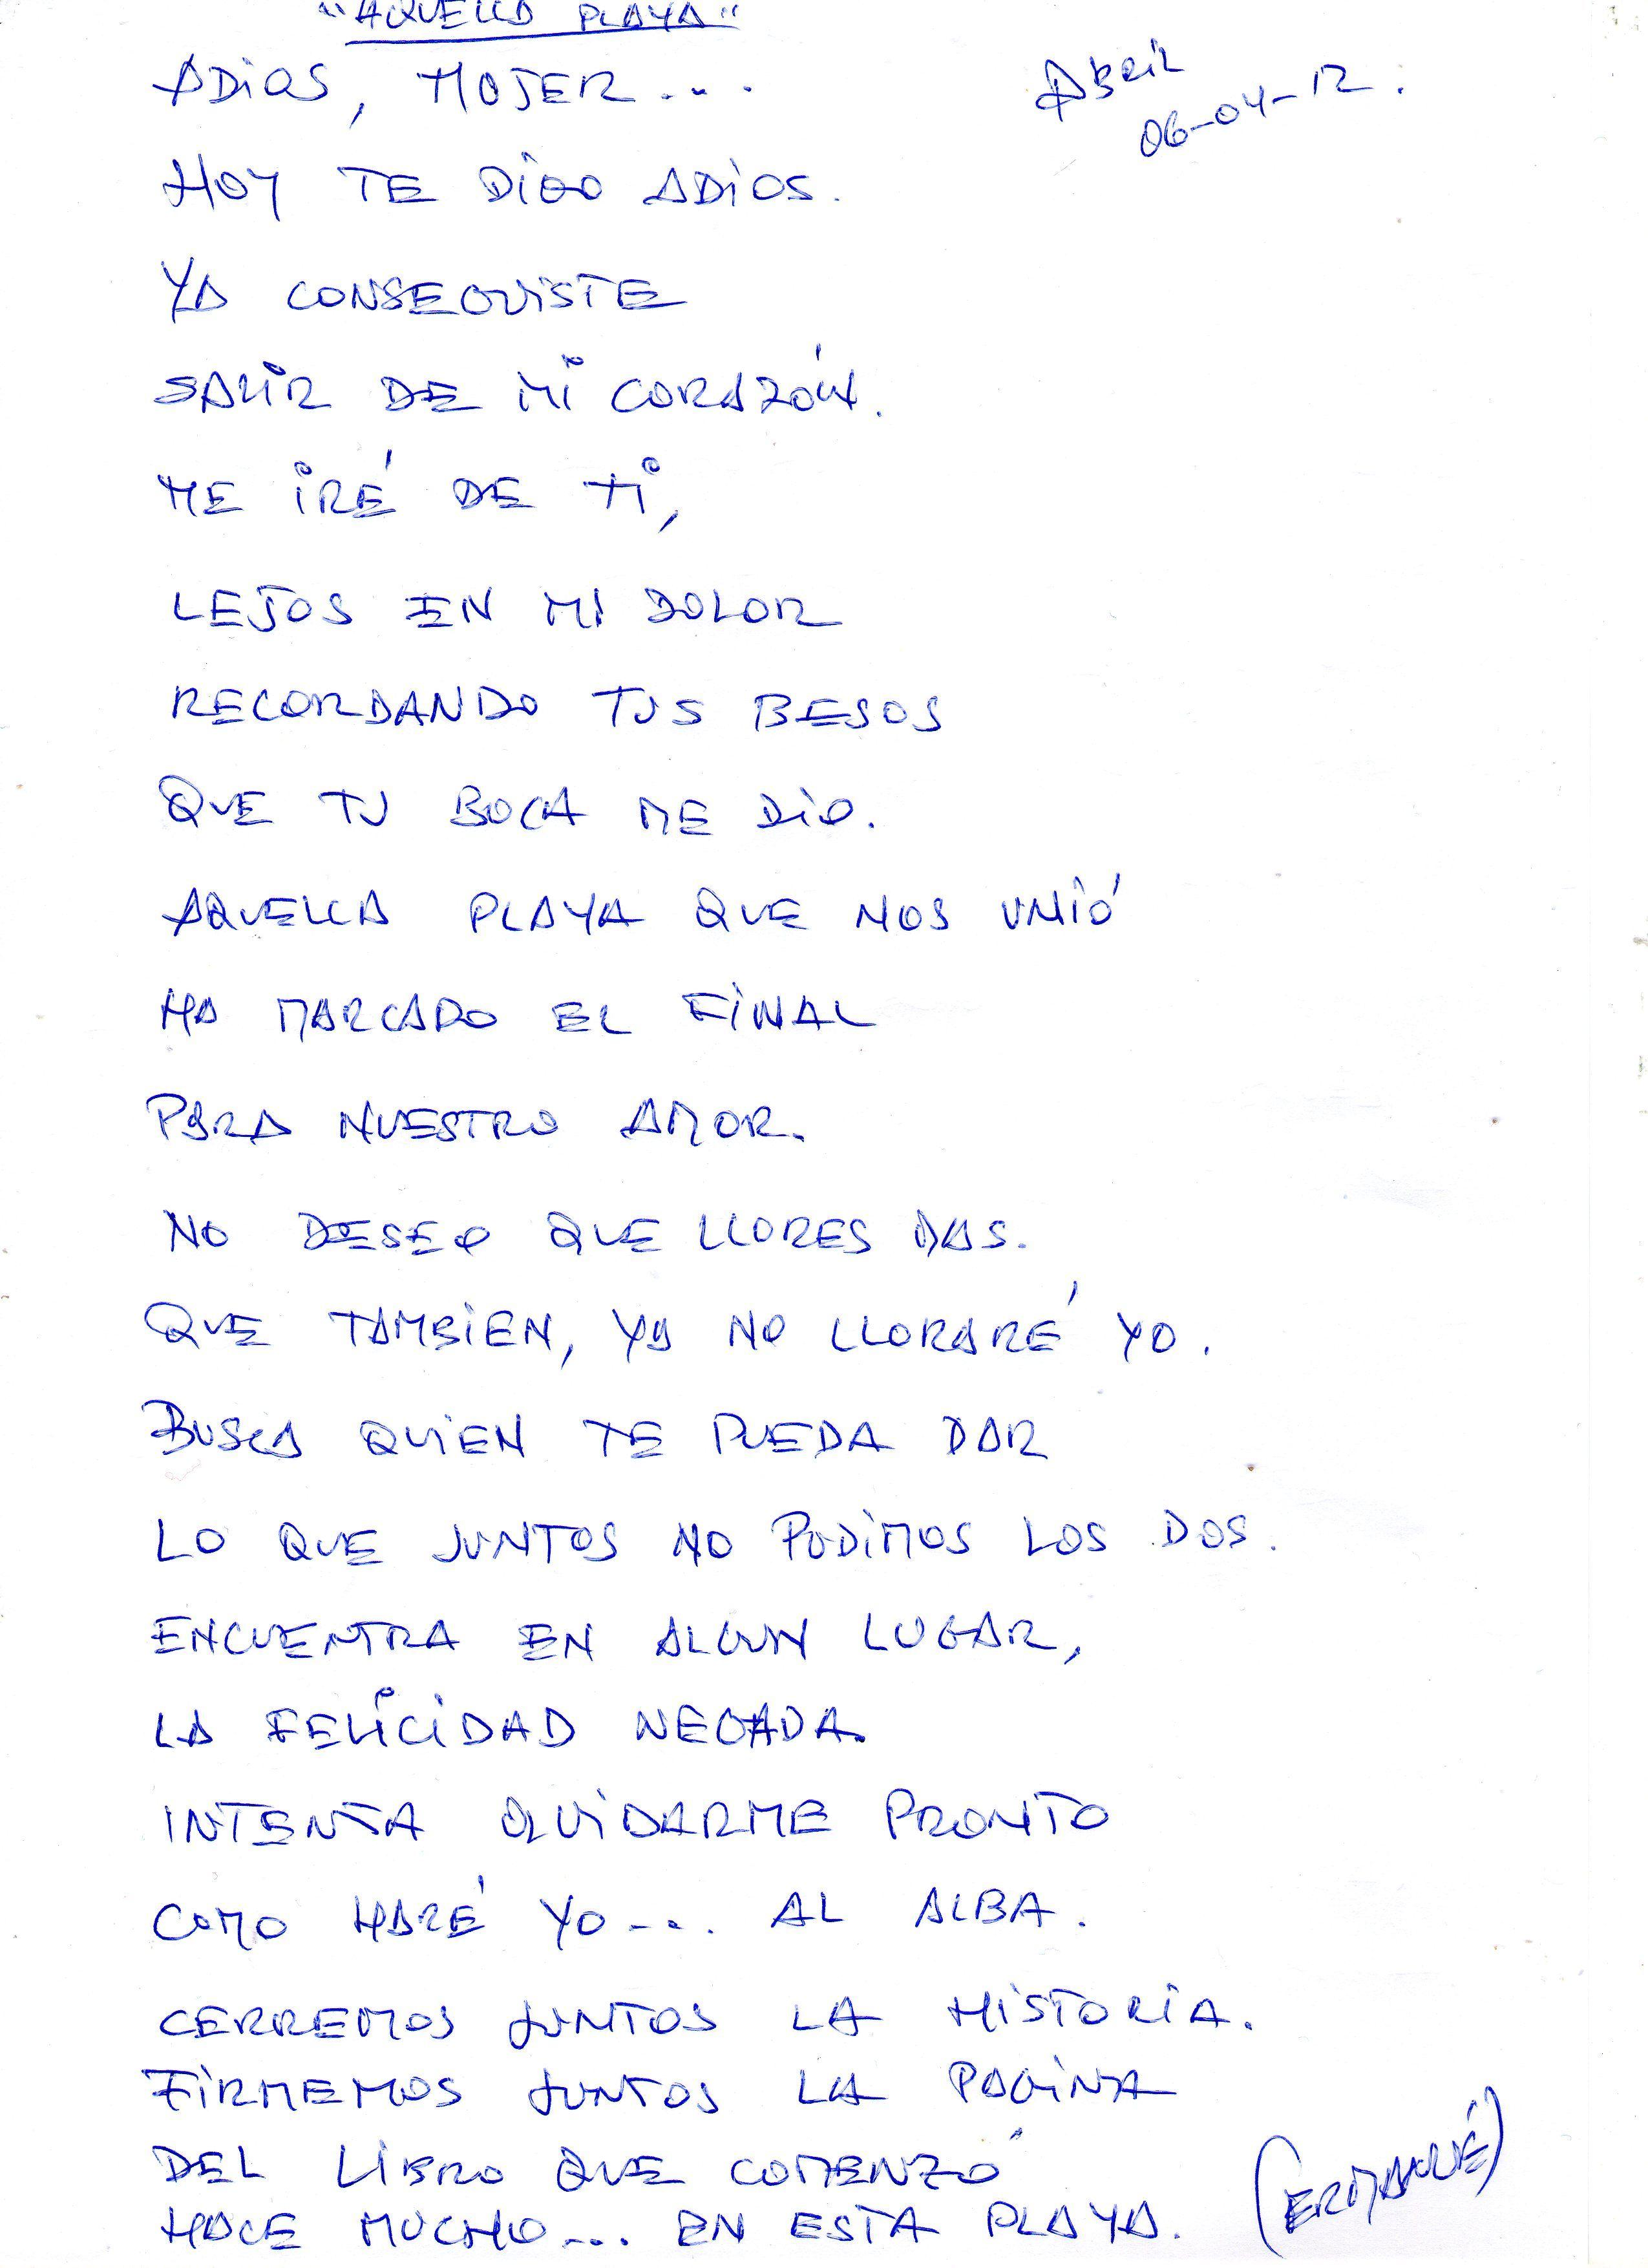 Poema de mi puño y letra